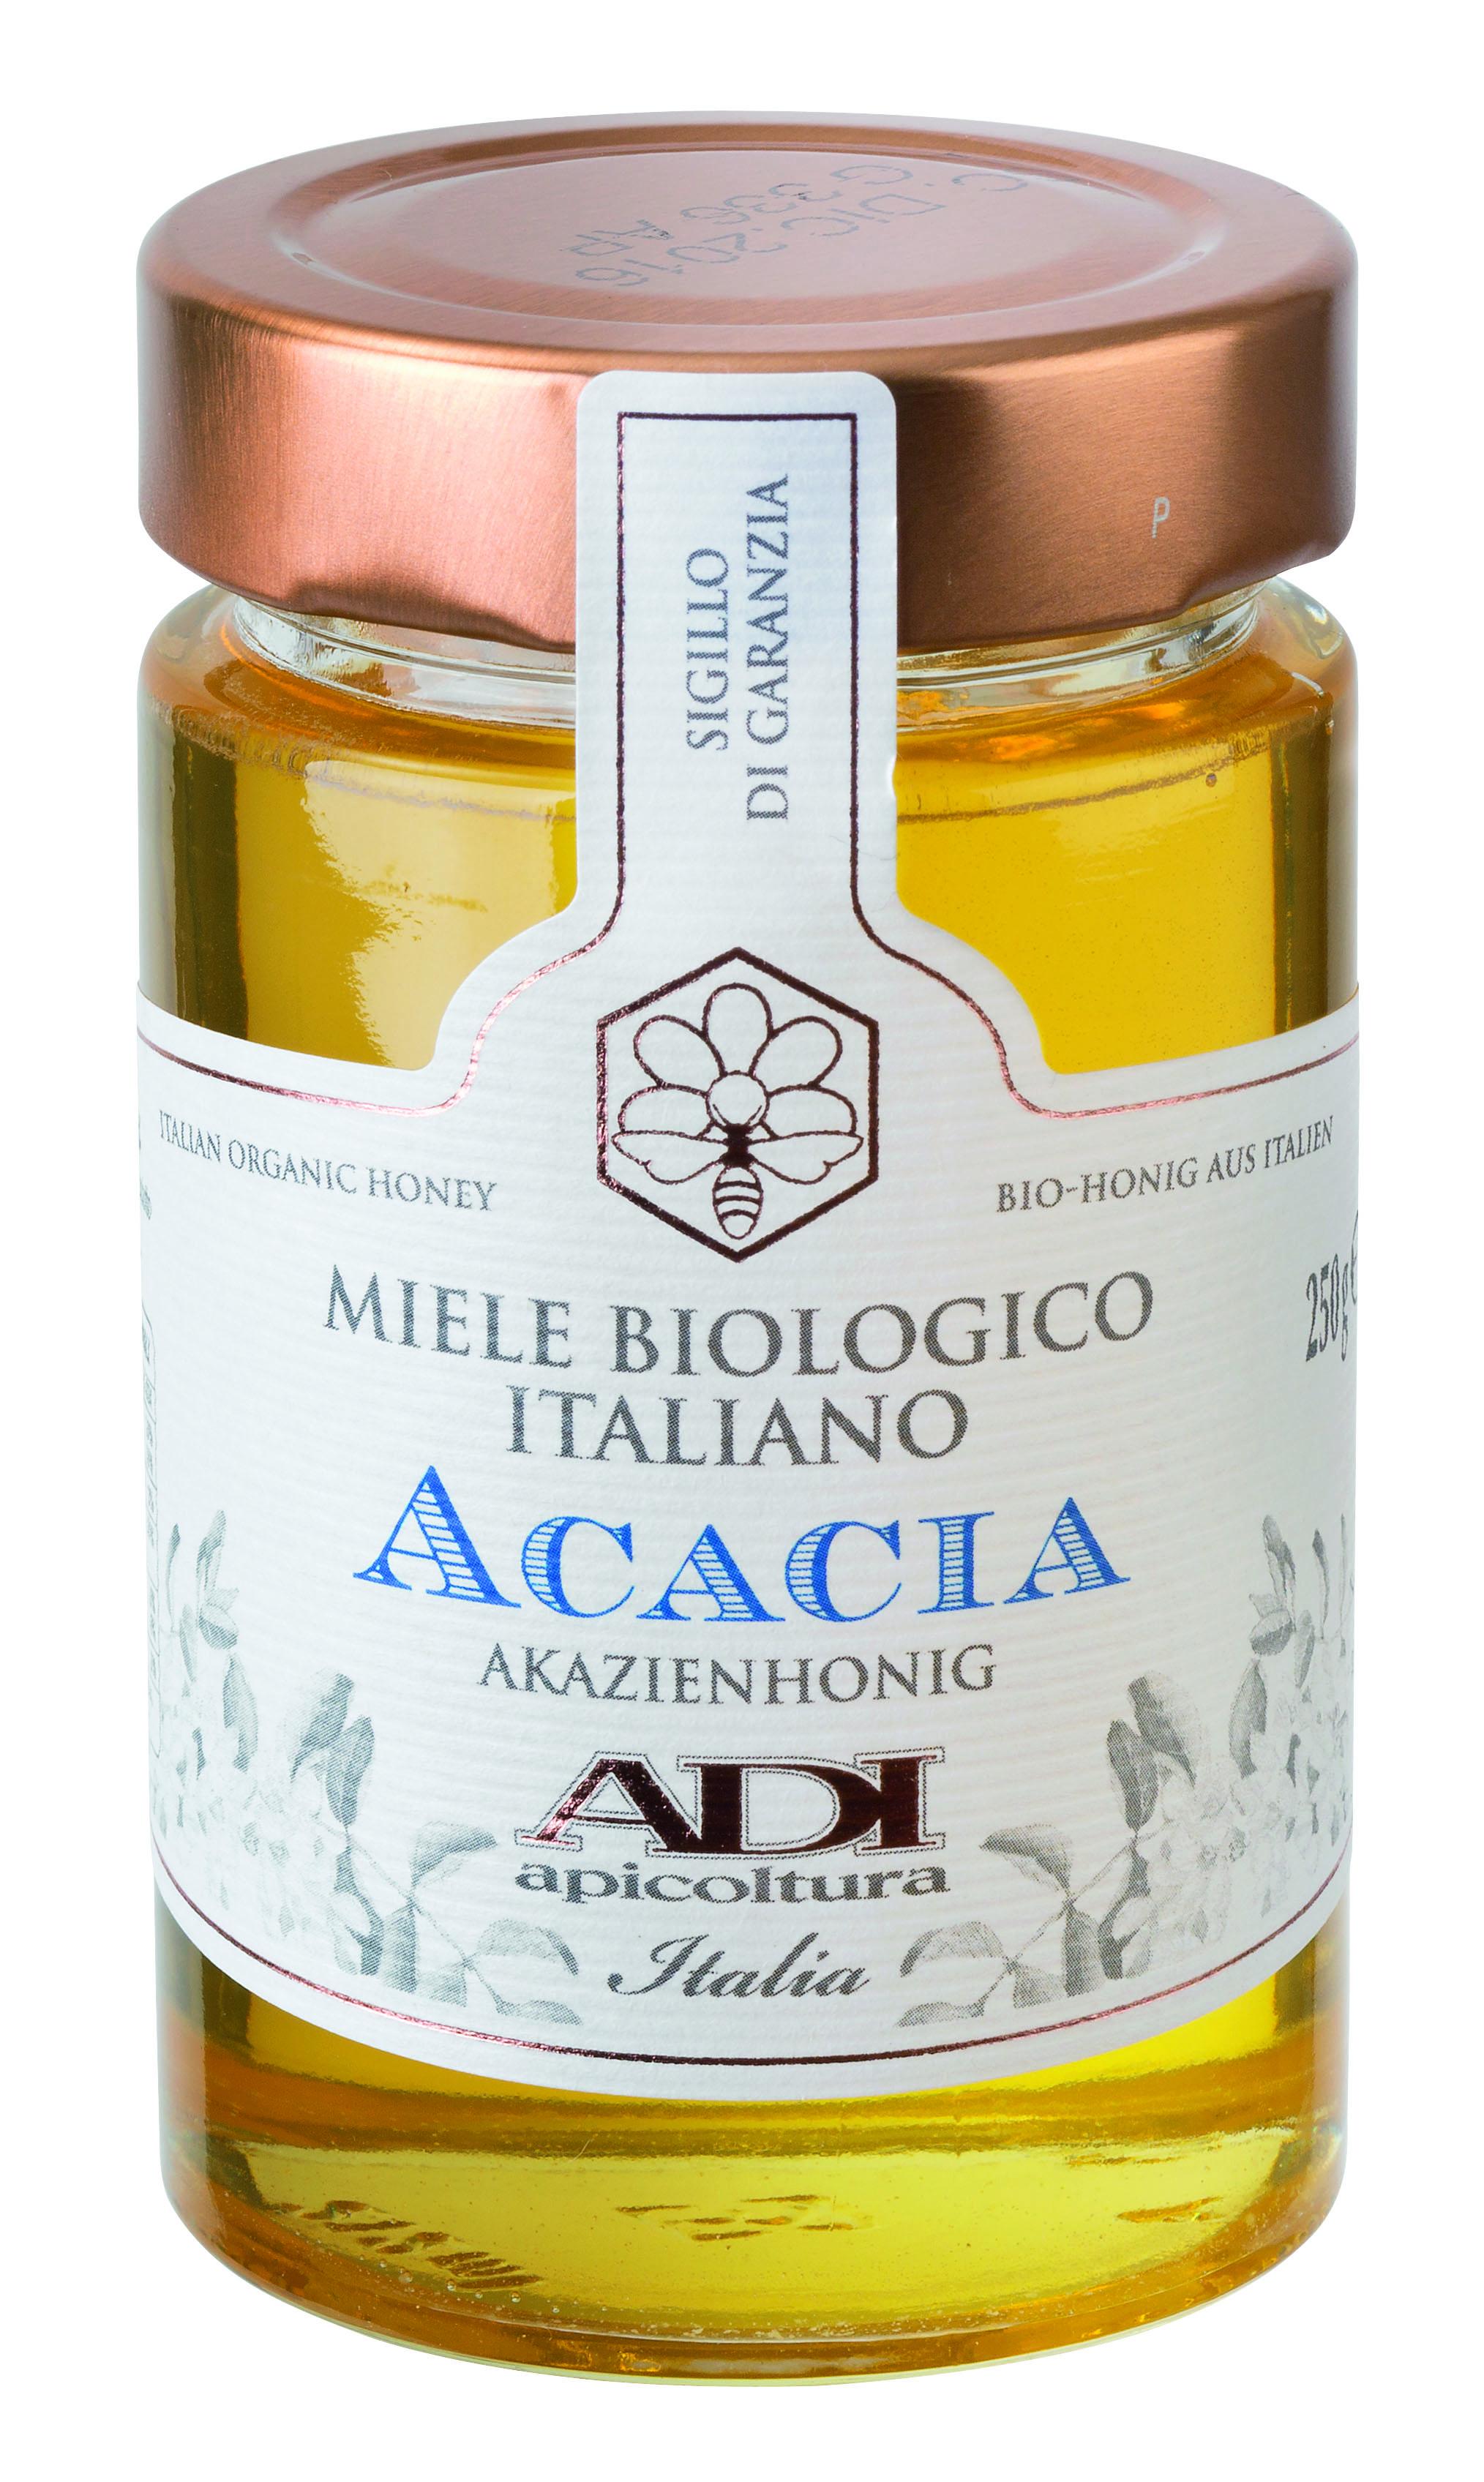 Miele di acacia bio 250 g Glas Adi